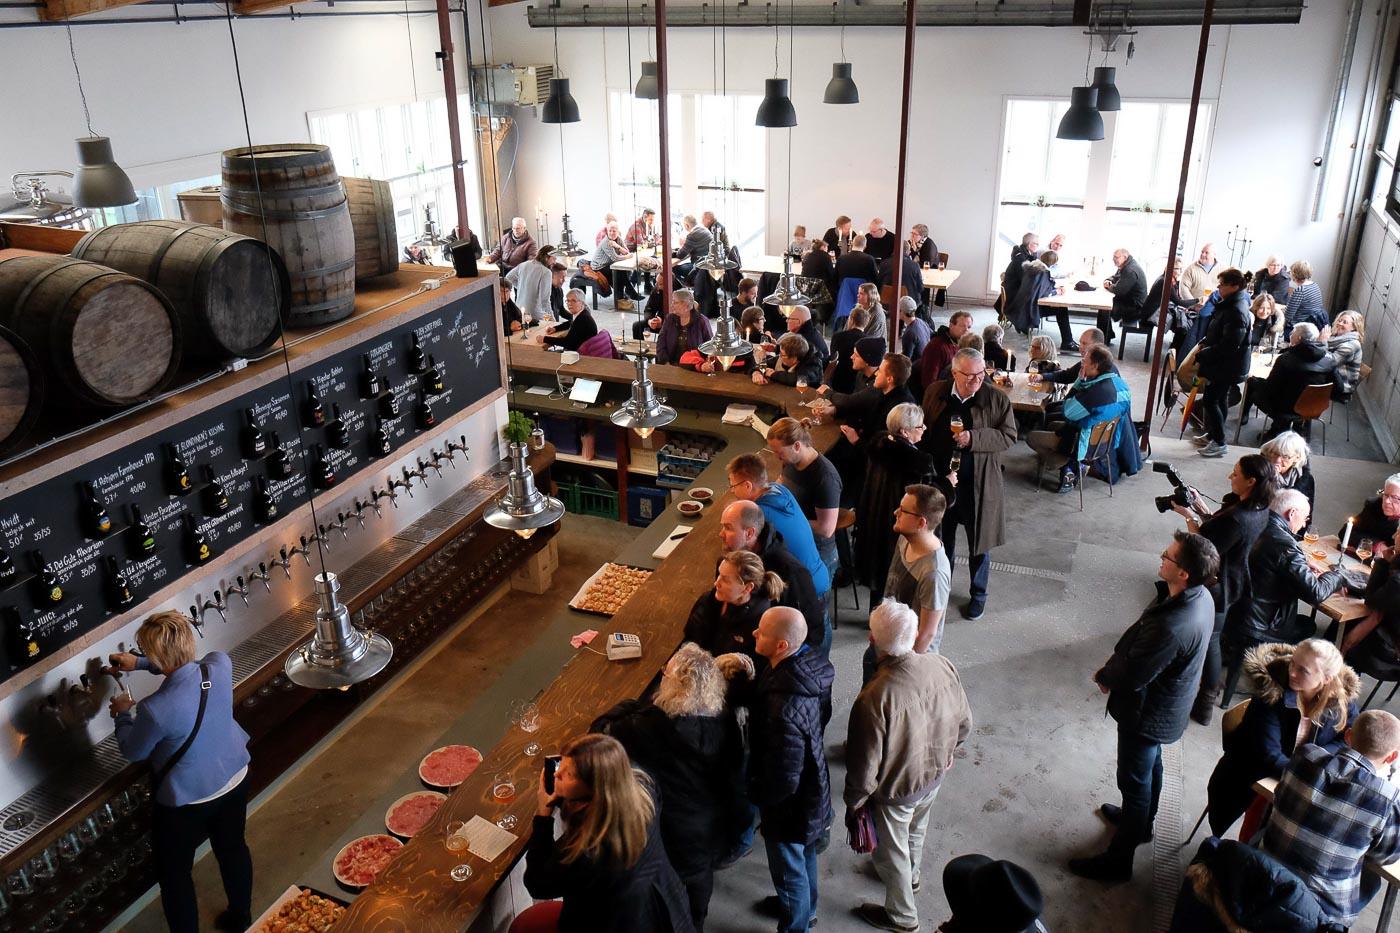 Humleland fylder 5 år: Øl-eventyret skal fejres med barley wine